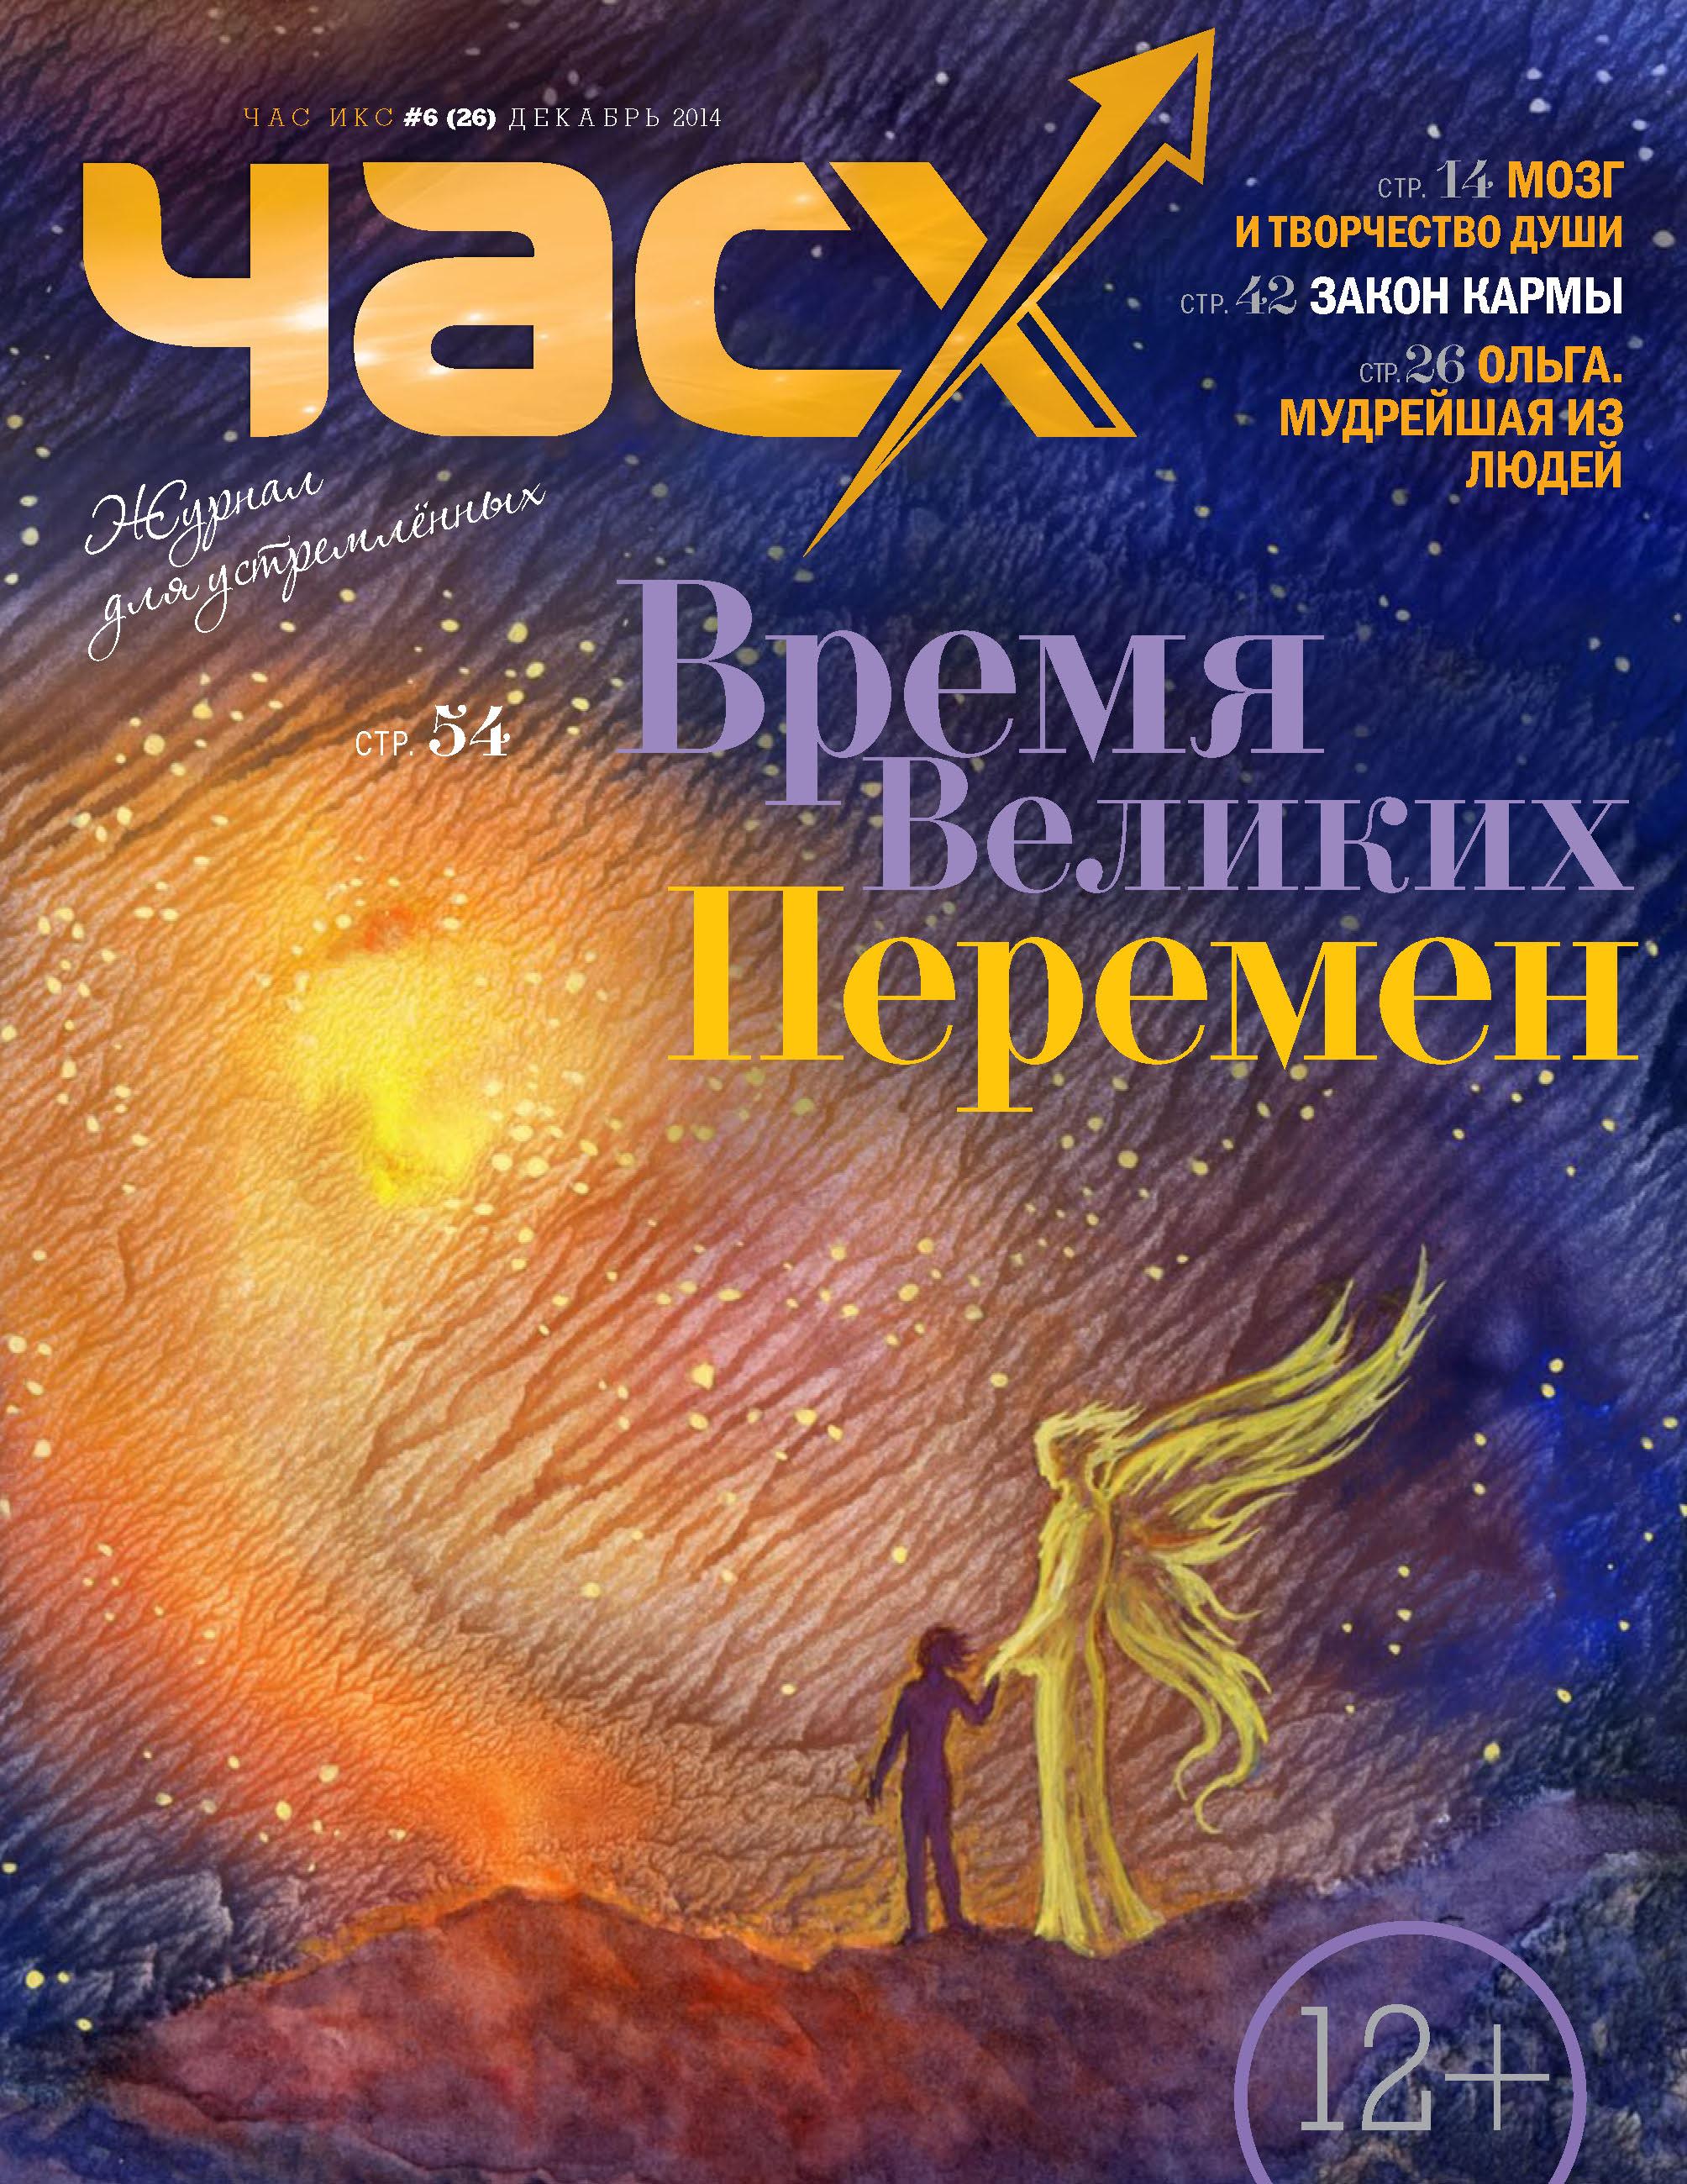 Отсутствует Час X. Журнал для устремленных. №6/2014 отсутствует час x журнал для устремленных 5 2015